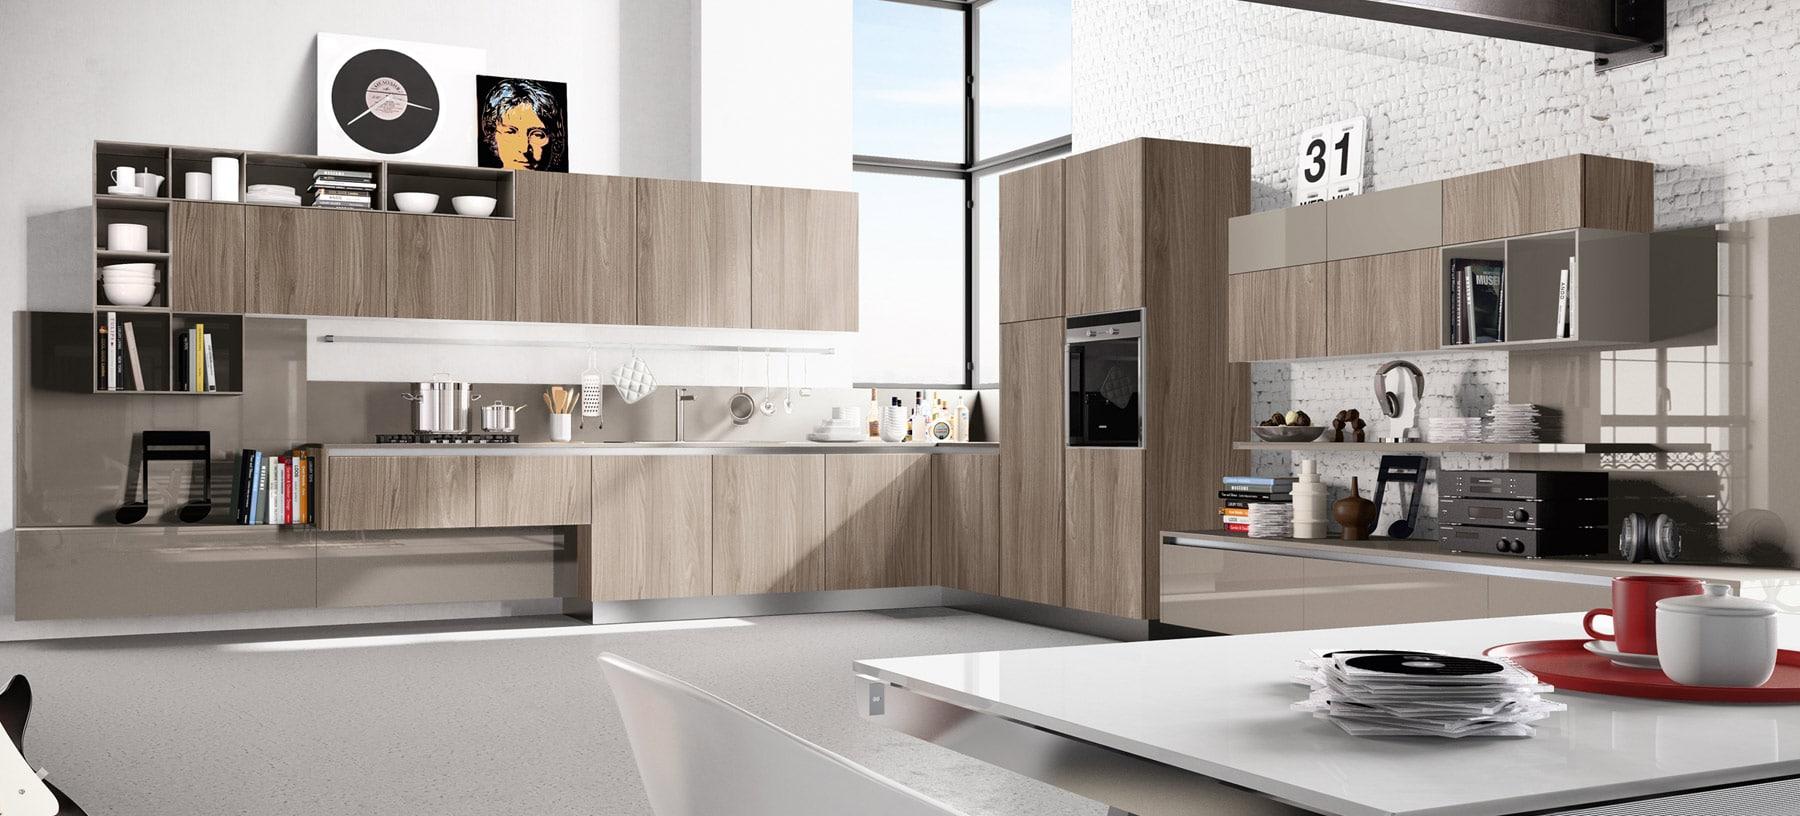 Dise o de cocinas modernas al estilo arte pop construye for Cocinas de madera modernas 2016